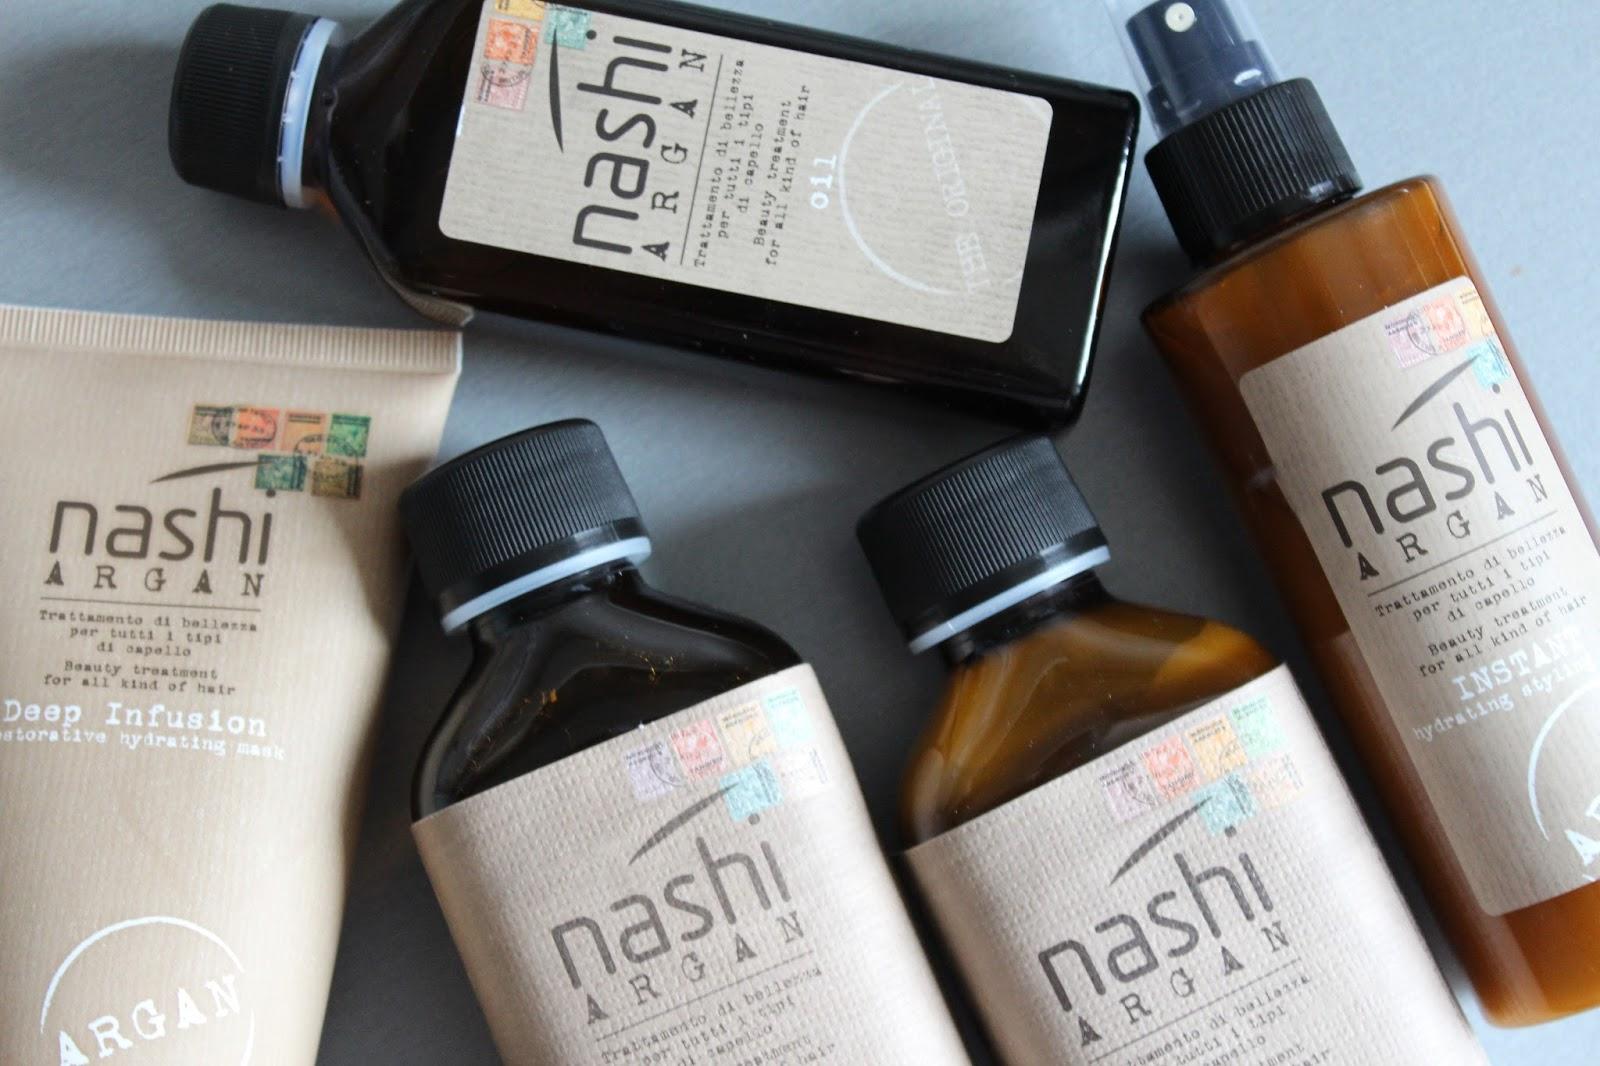 Nashi Argan - upoznavanje sa brandom plus jedne slatko iznenađenje :)